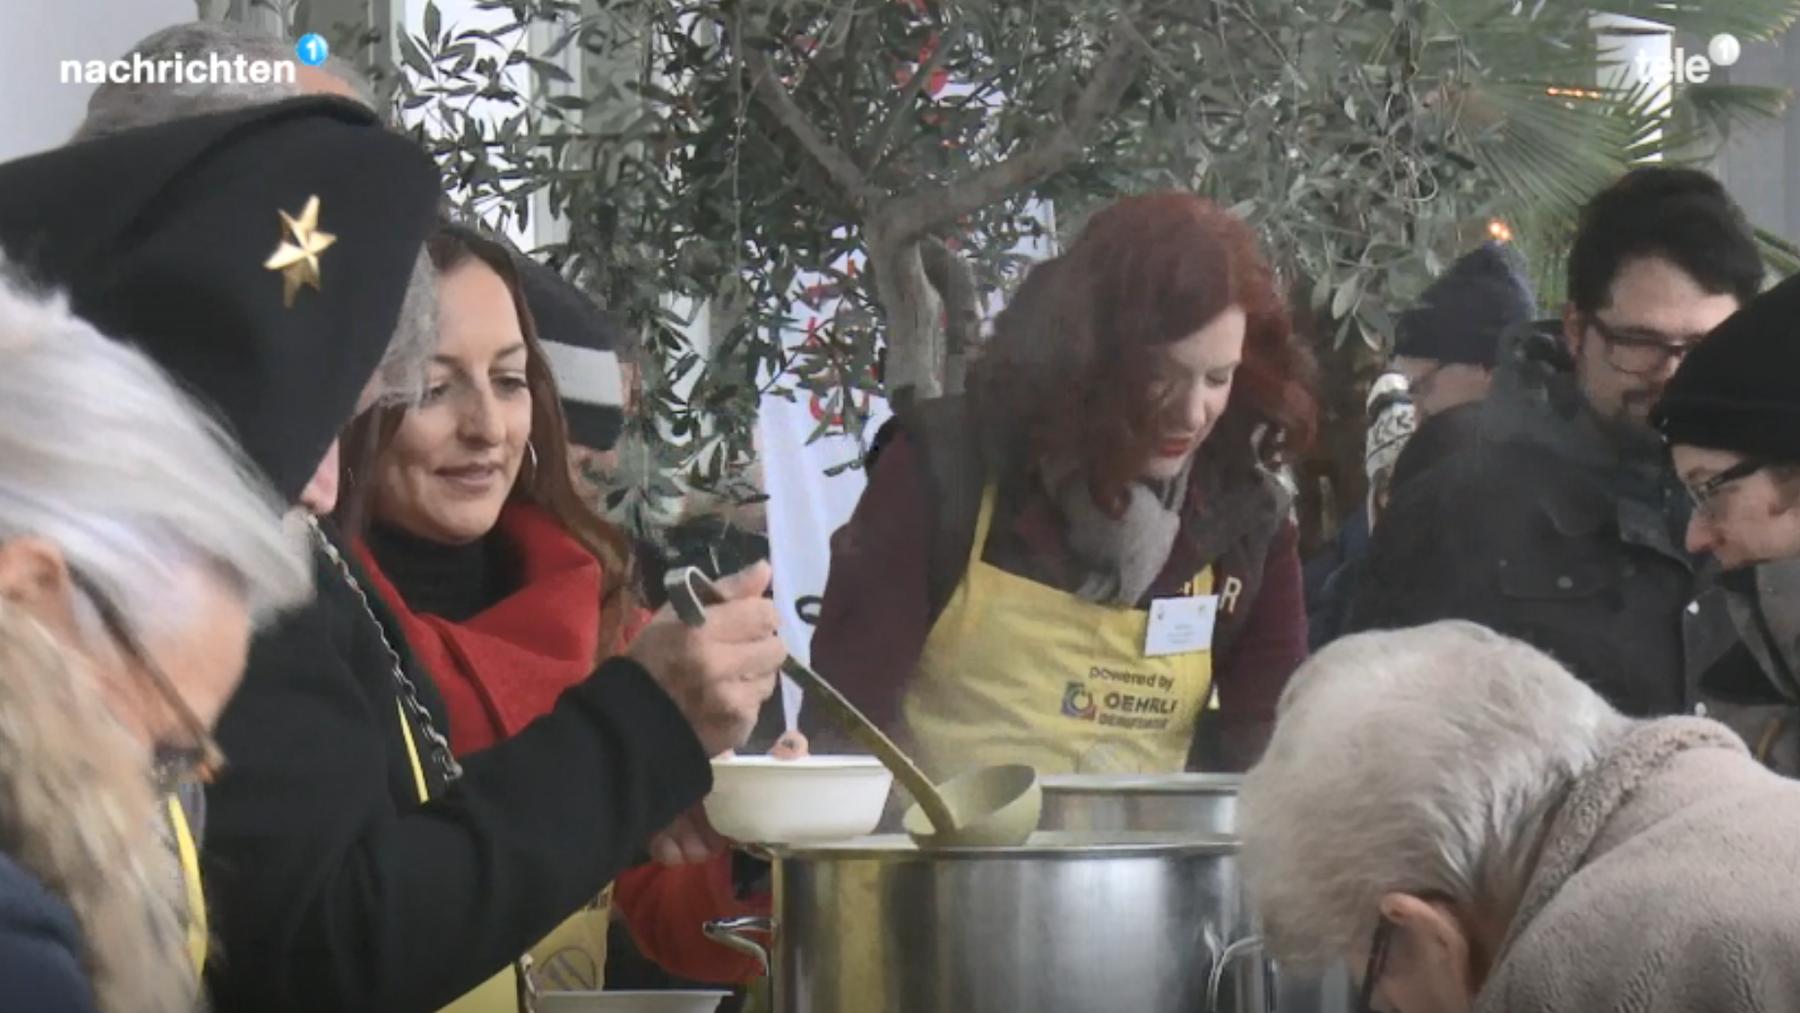 Nationaler Suppentag mit Promis im Einsatz